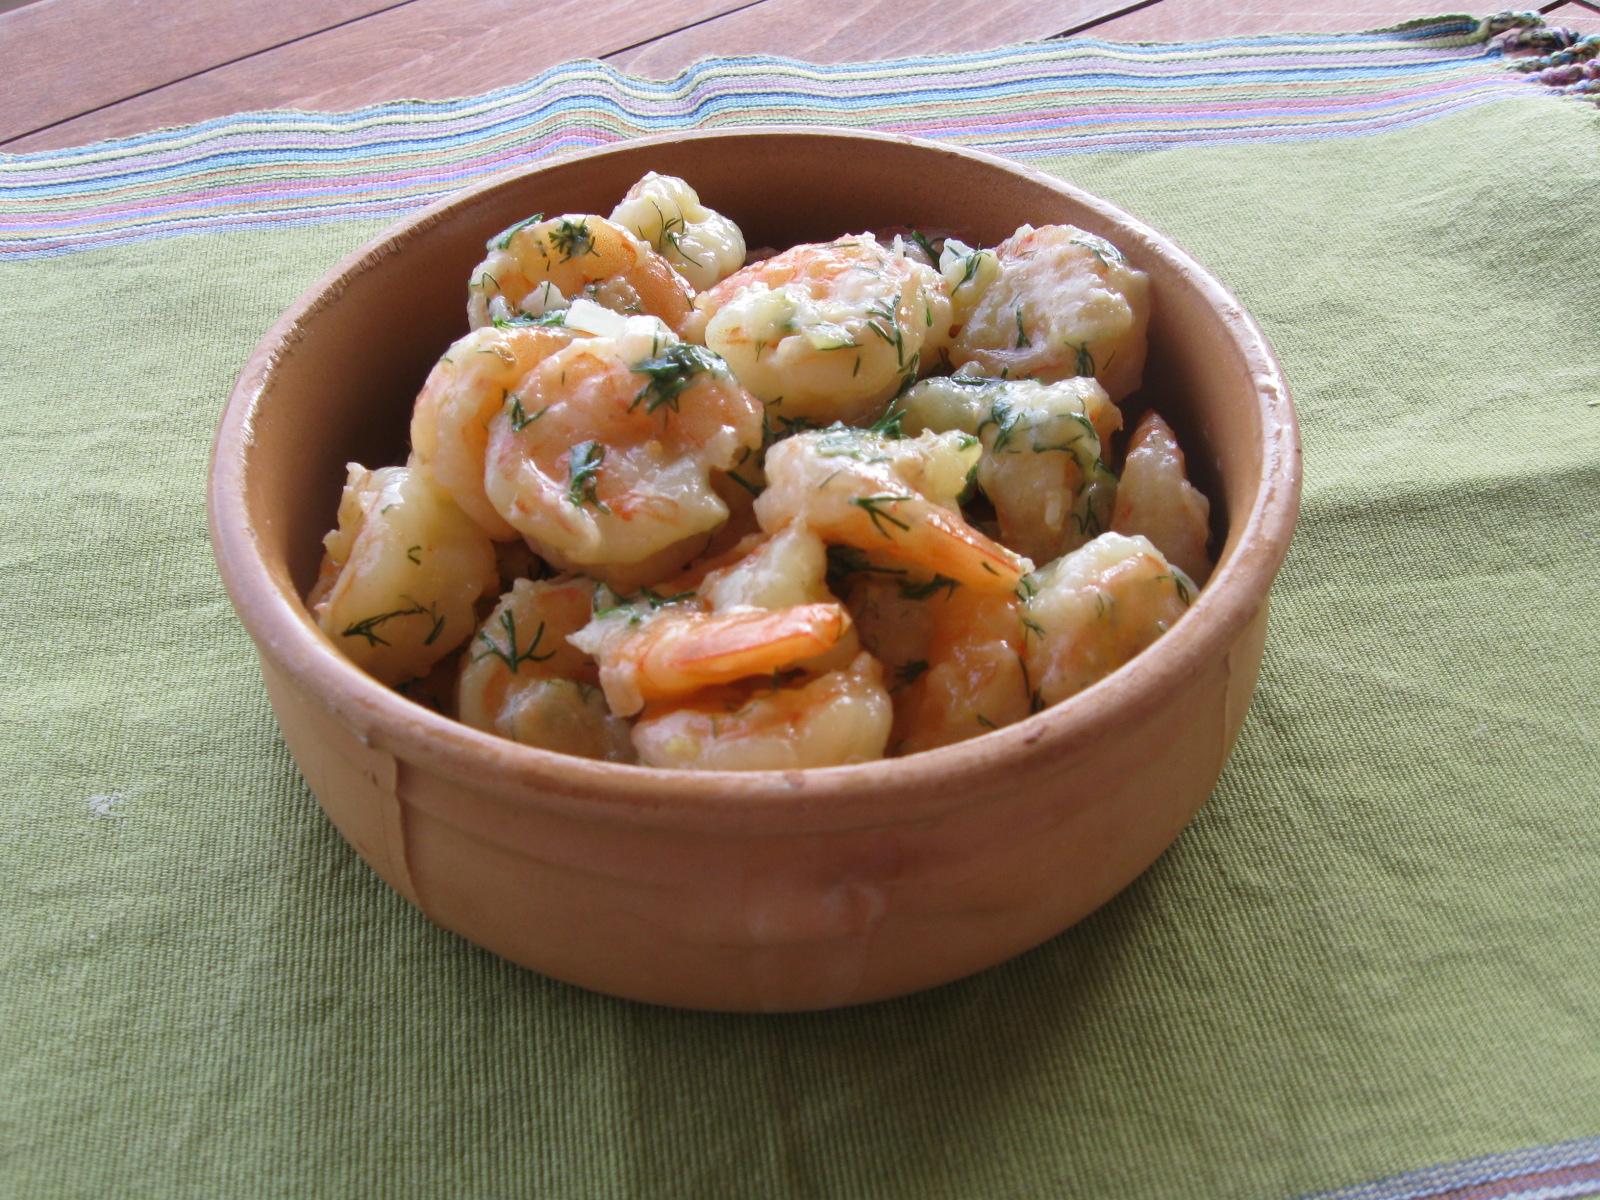 Shrimp with garlic, lemon, and dill | Mydinnertoday